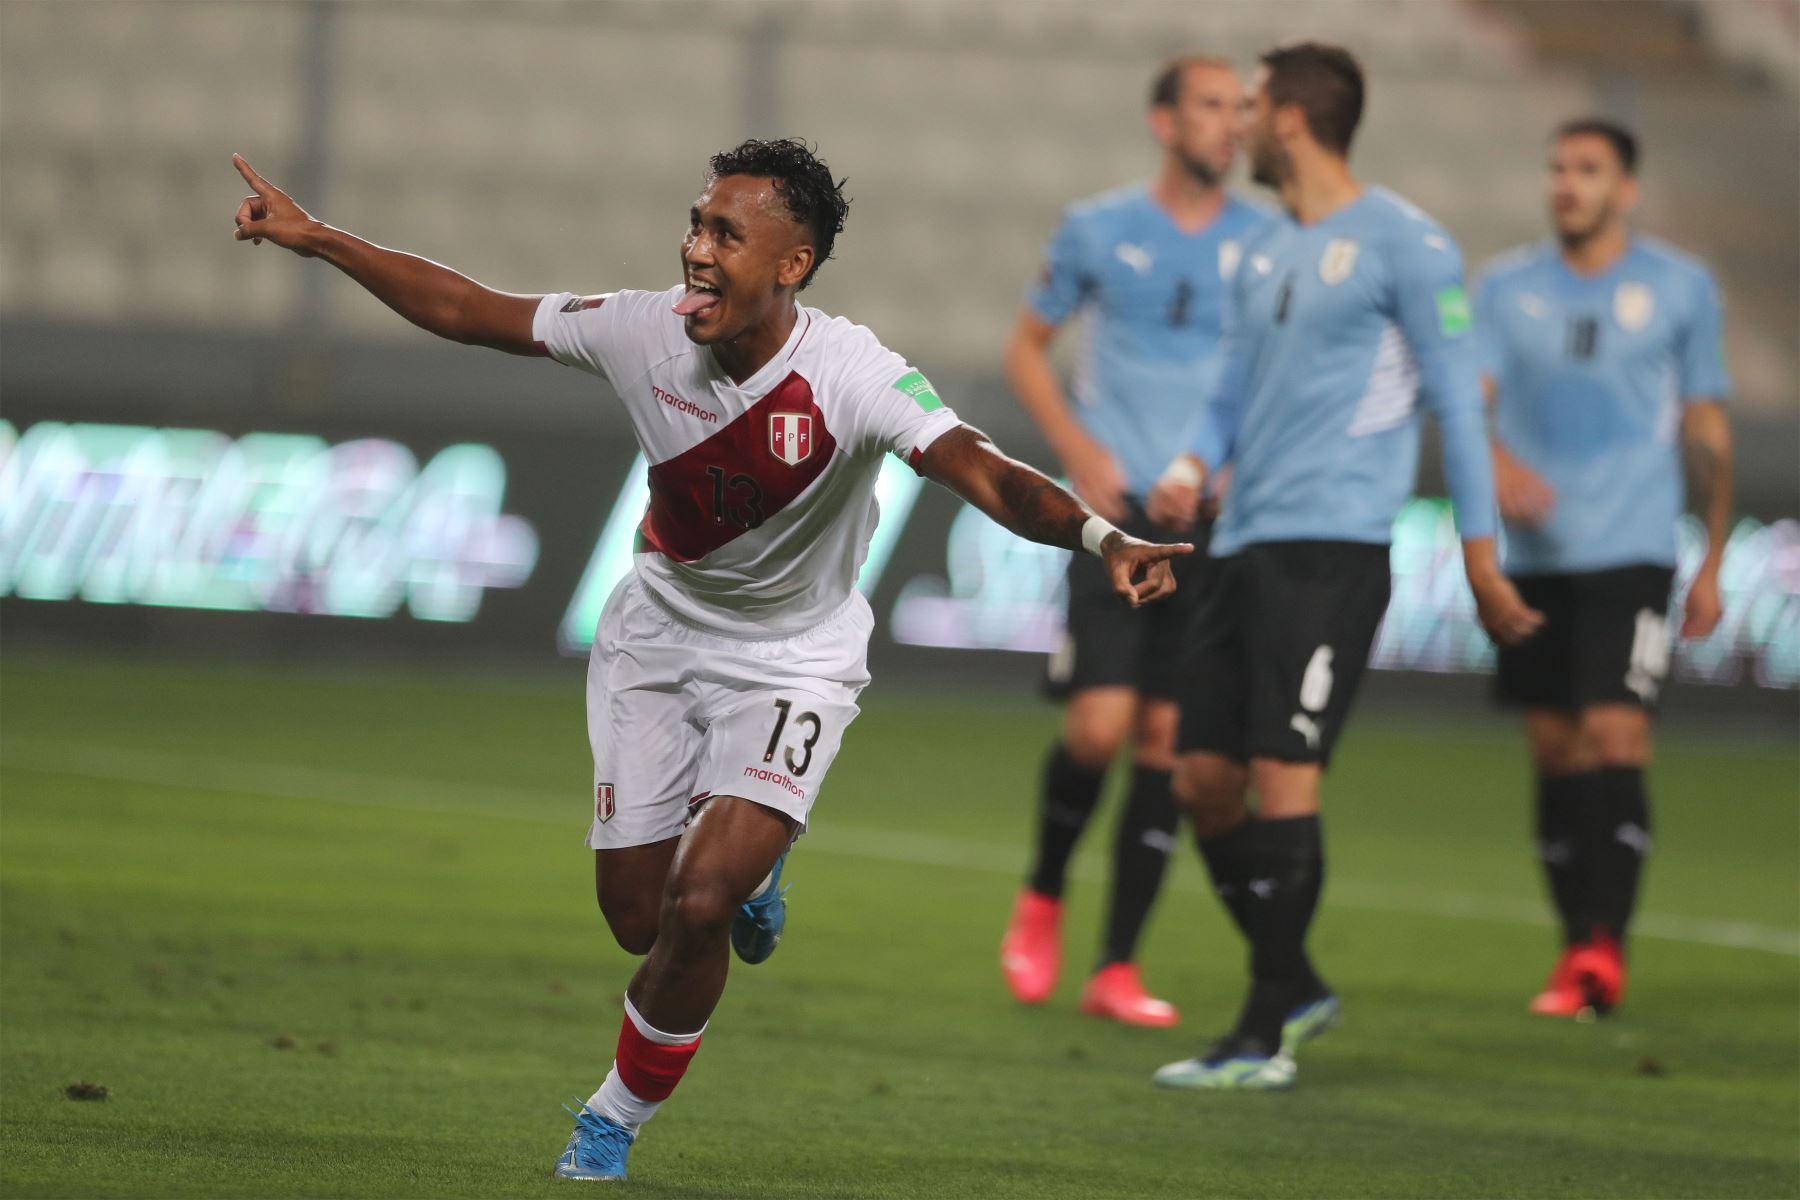 El peruano Renato Tapia, jugador del Celta de Vigo.  Foto: EFE